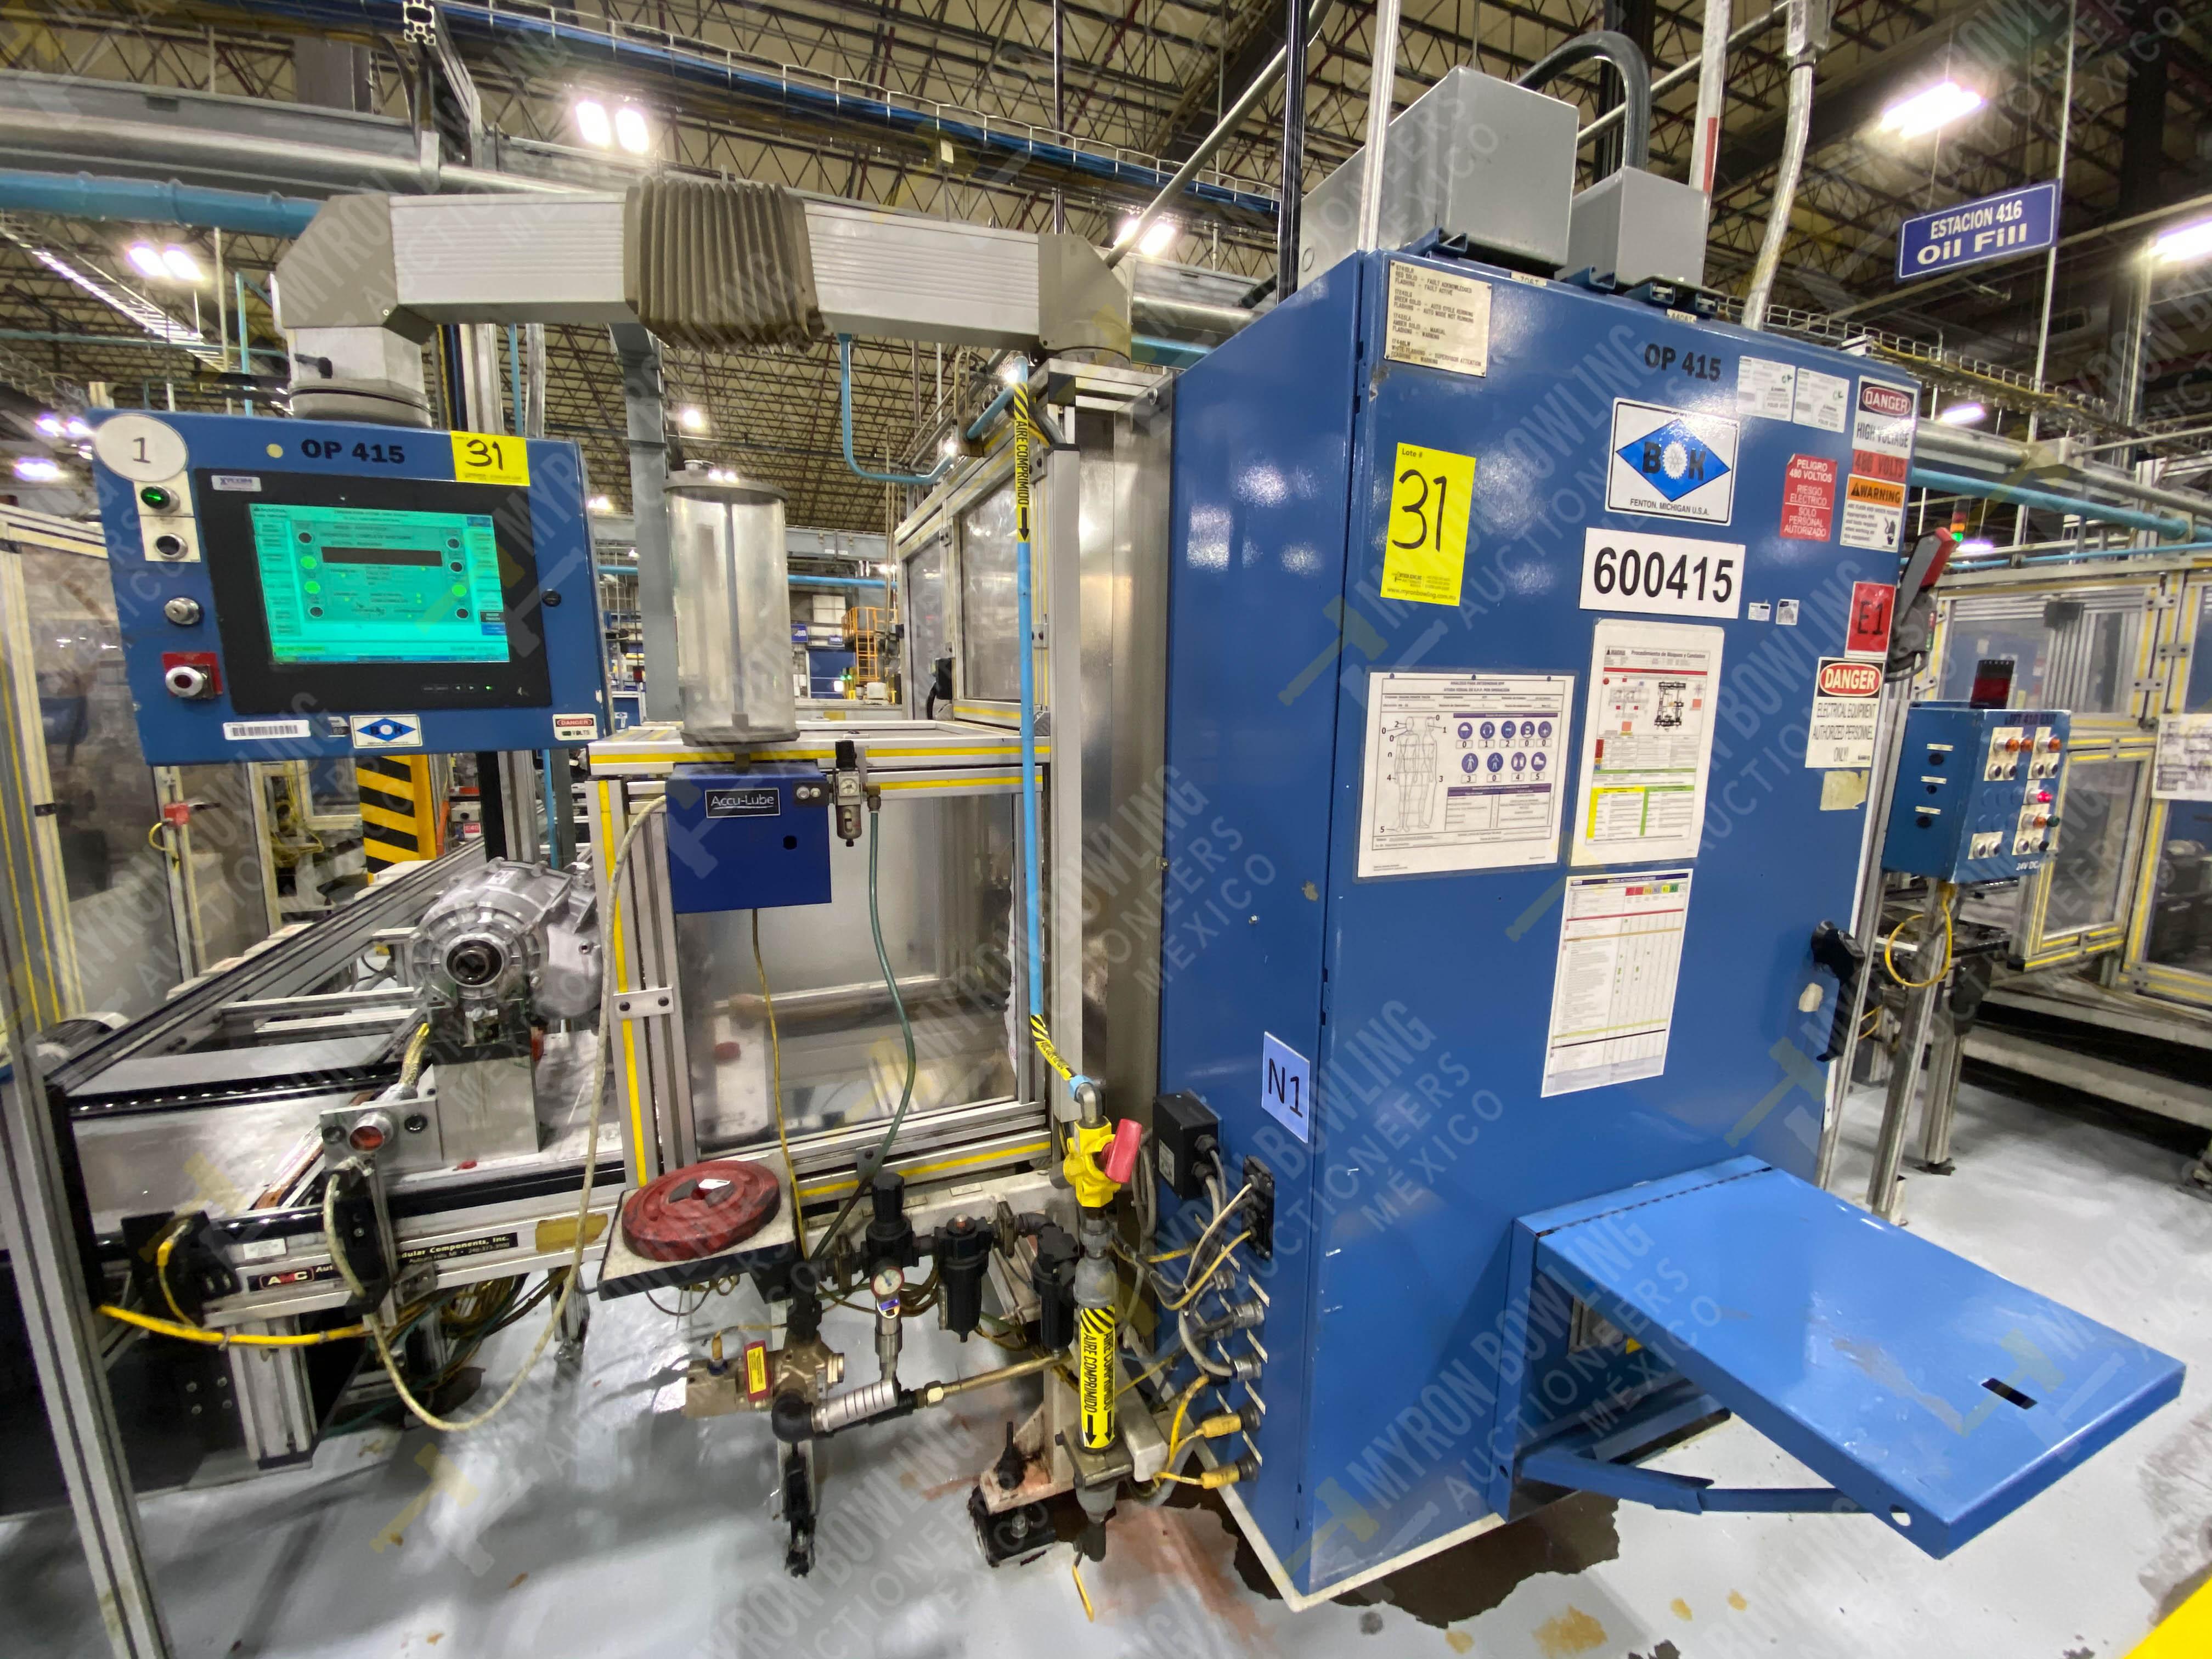 Estación semiautomática para operación 416, contiene: Sistema de llenado de aceite